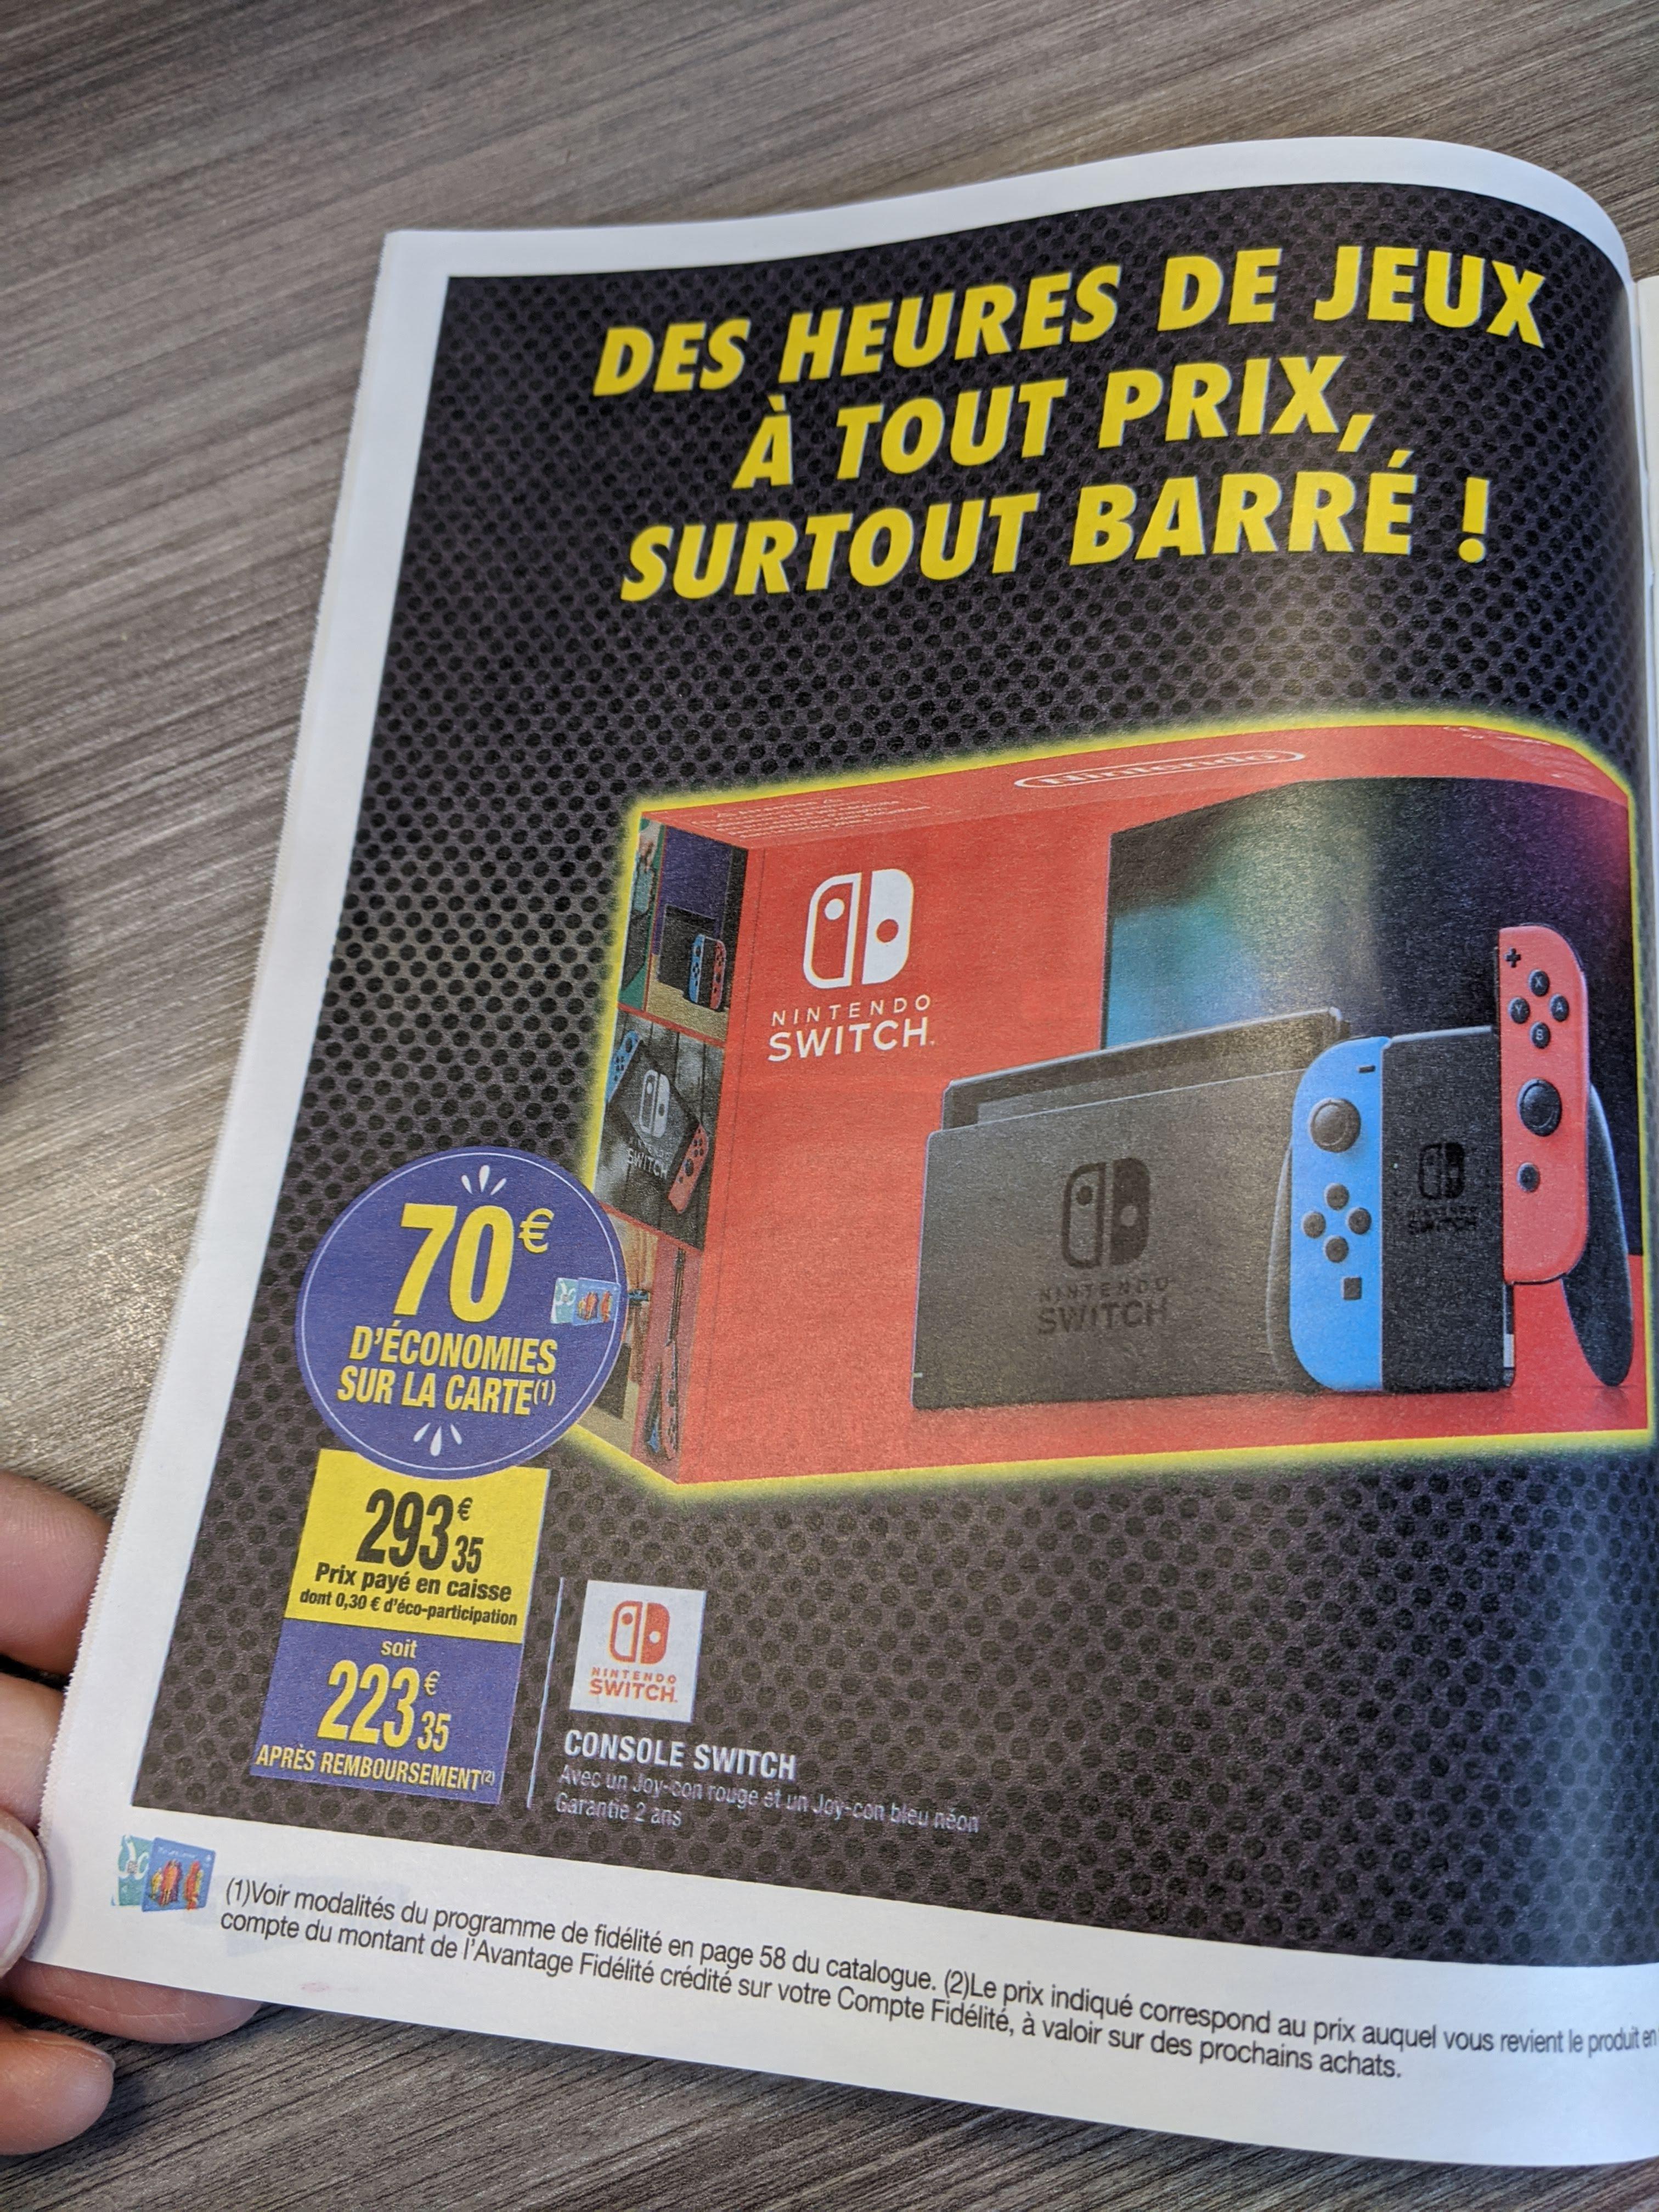 Console Nintendo Switch (Via 70€ sur la carte de fidélité)